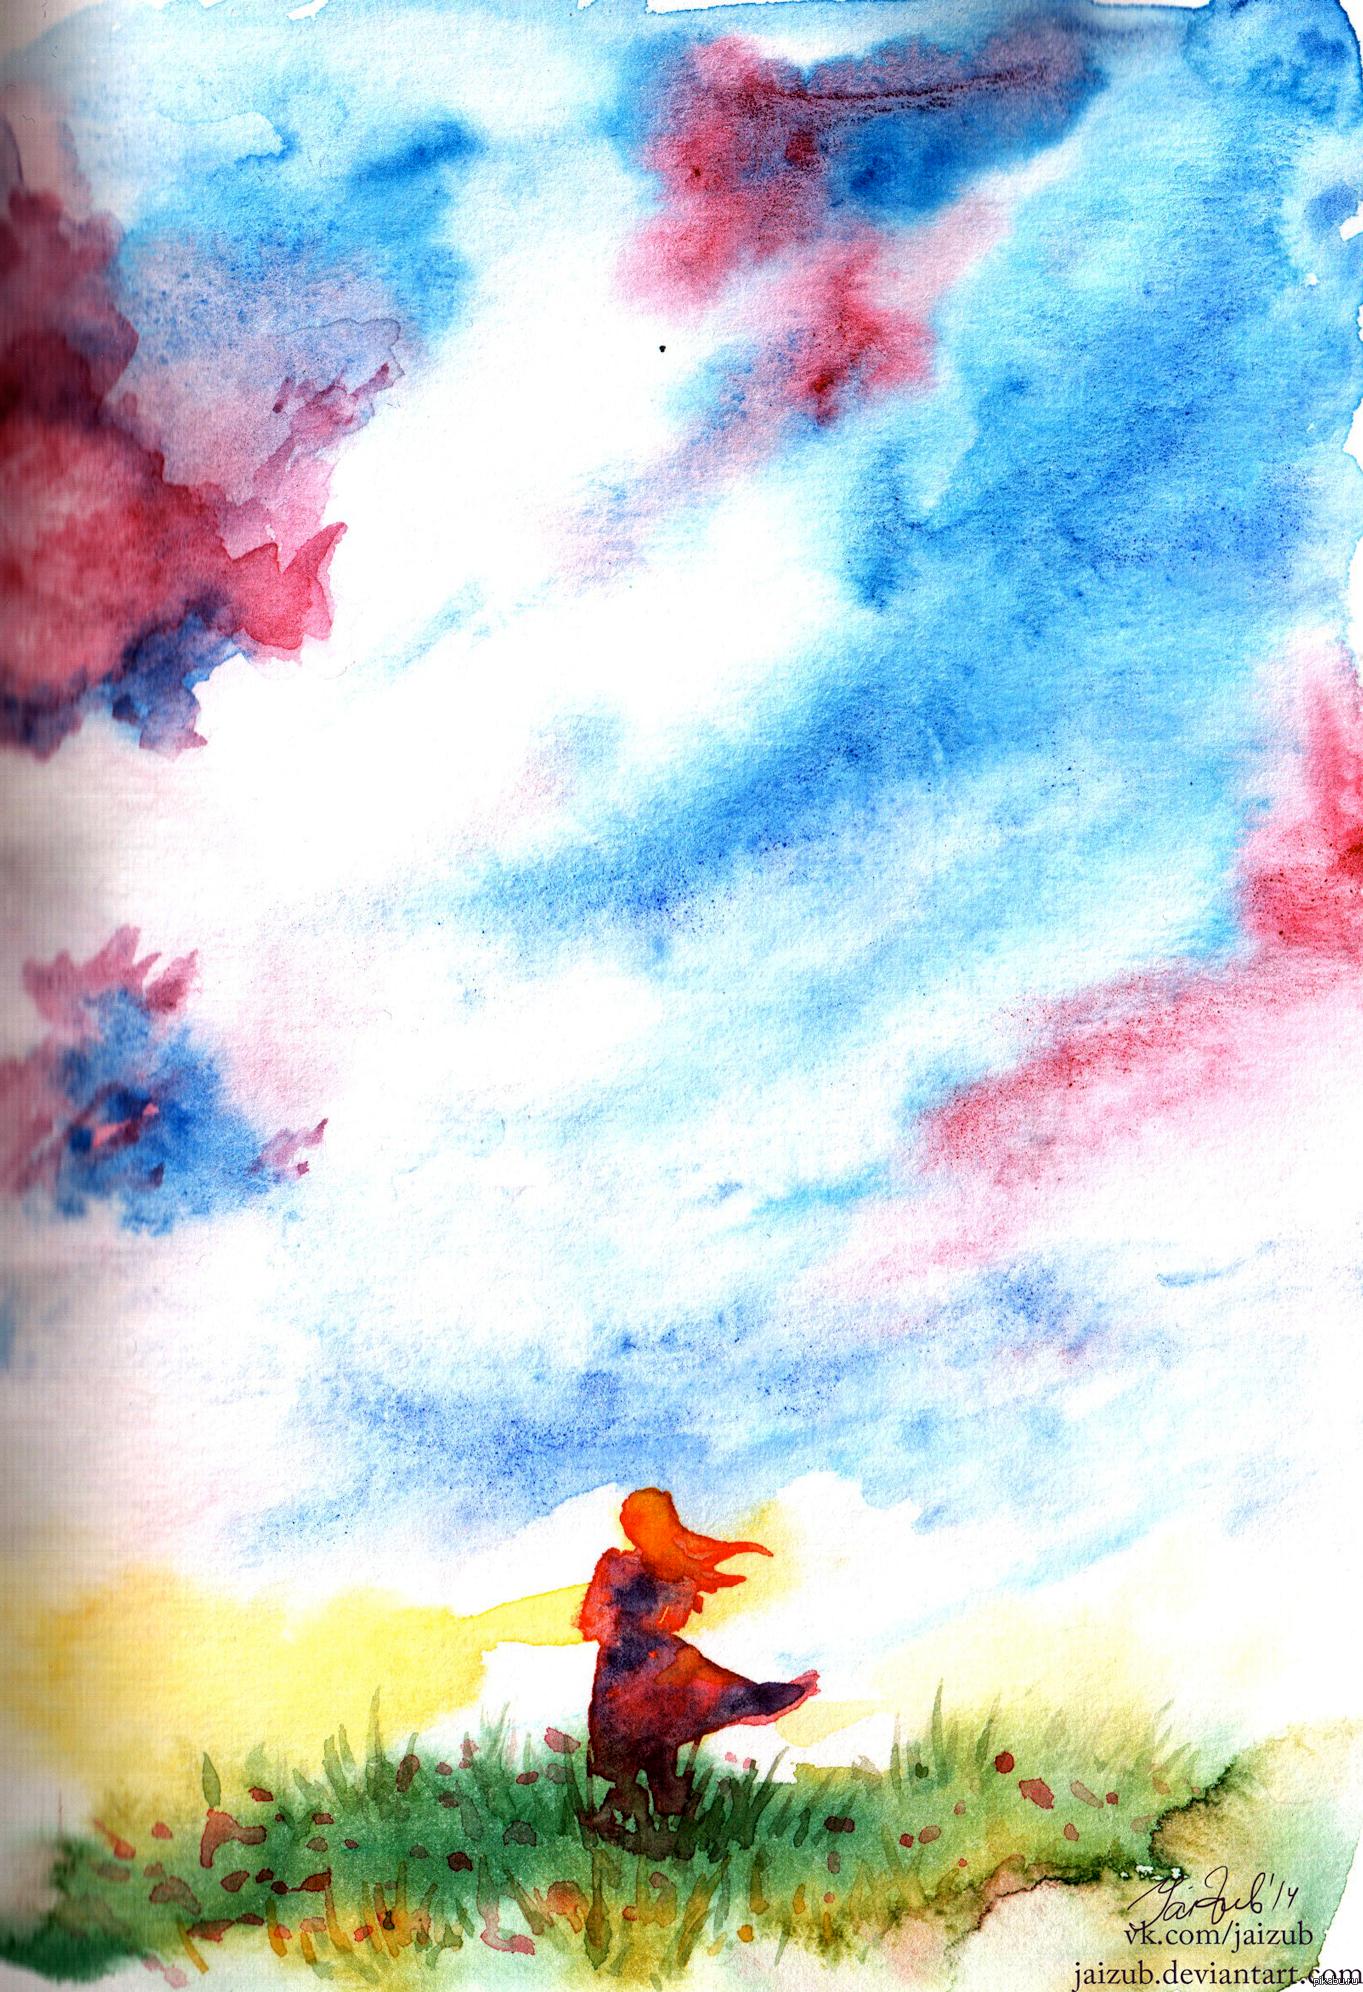 пистолет картинки я рисую тебя акварелью небес главным создании